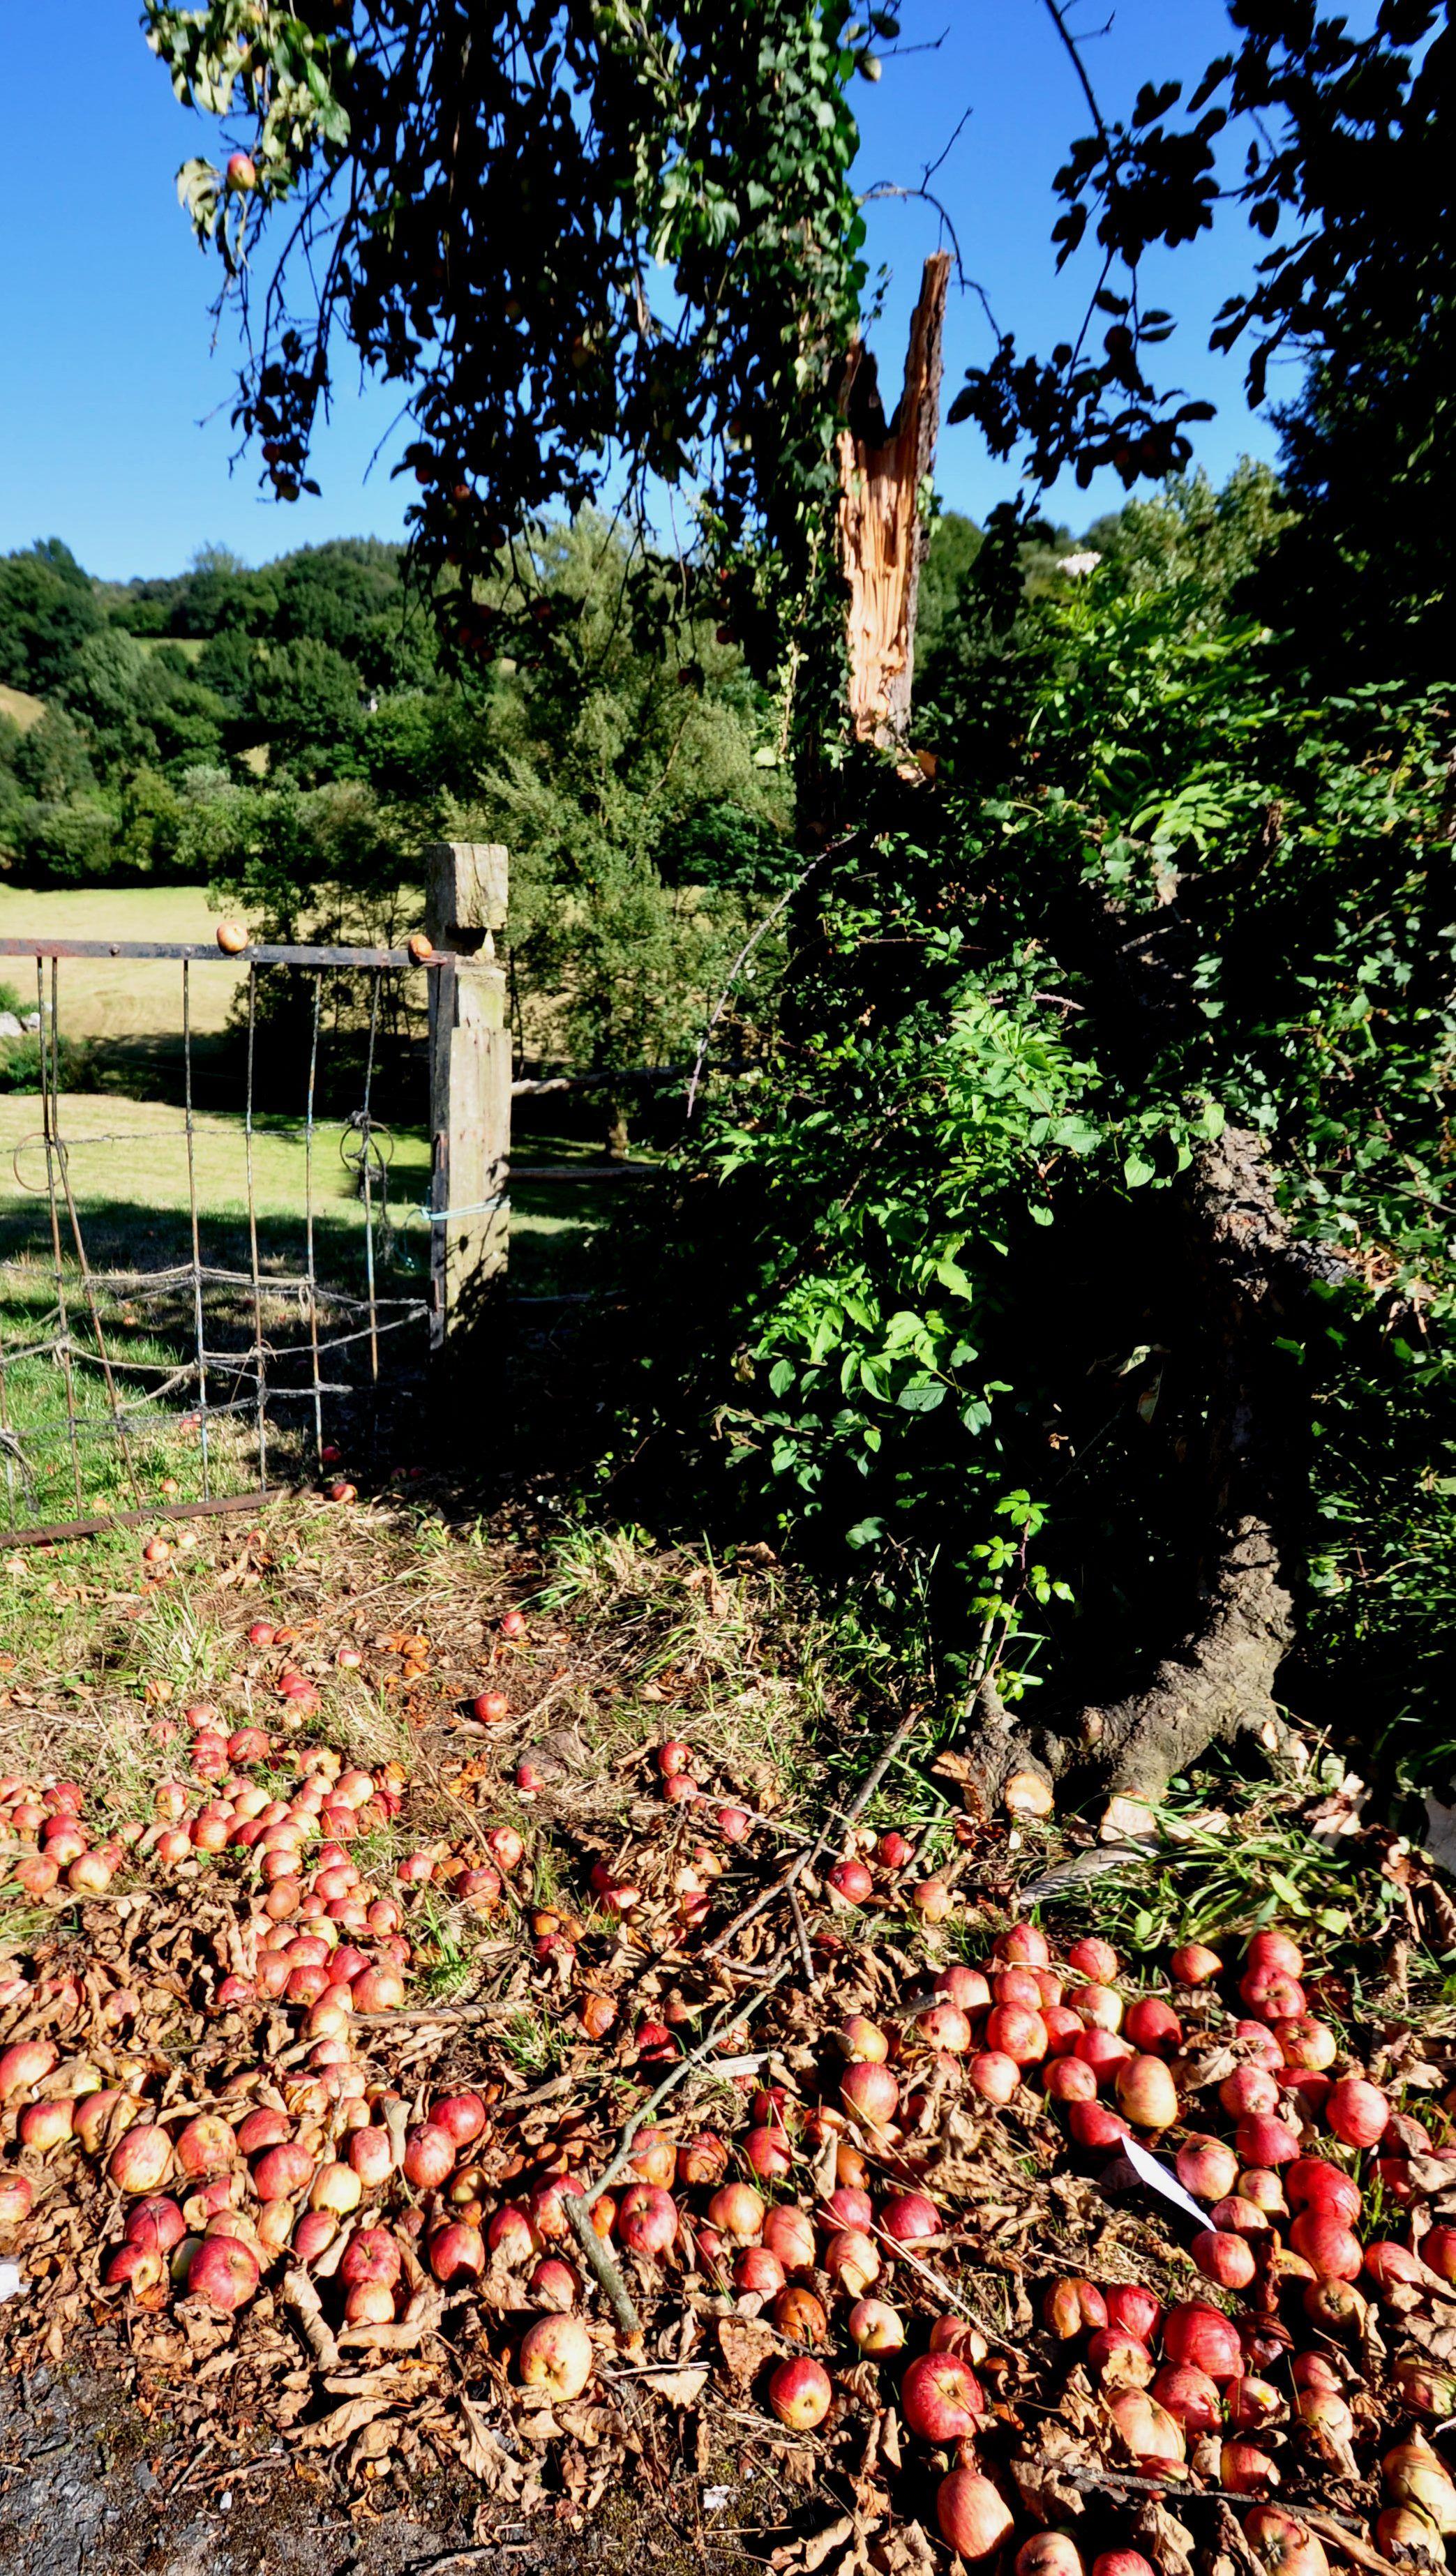 Manzanas en el suelo